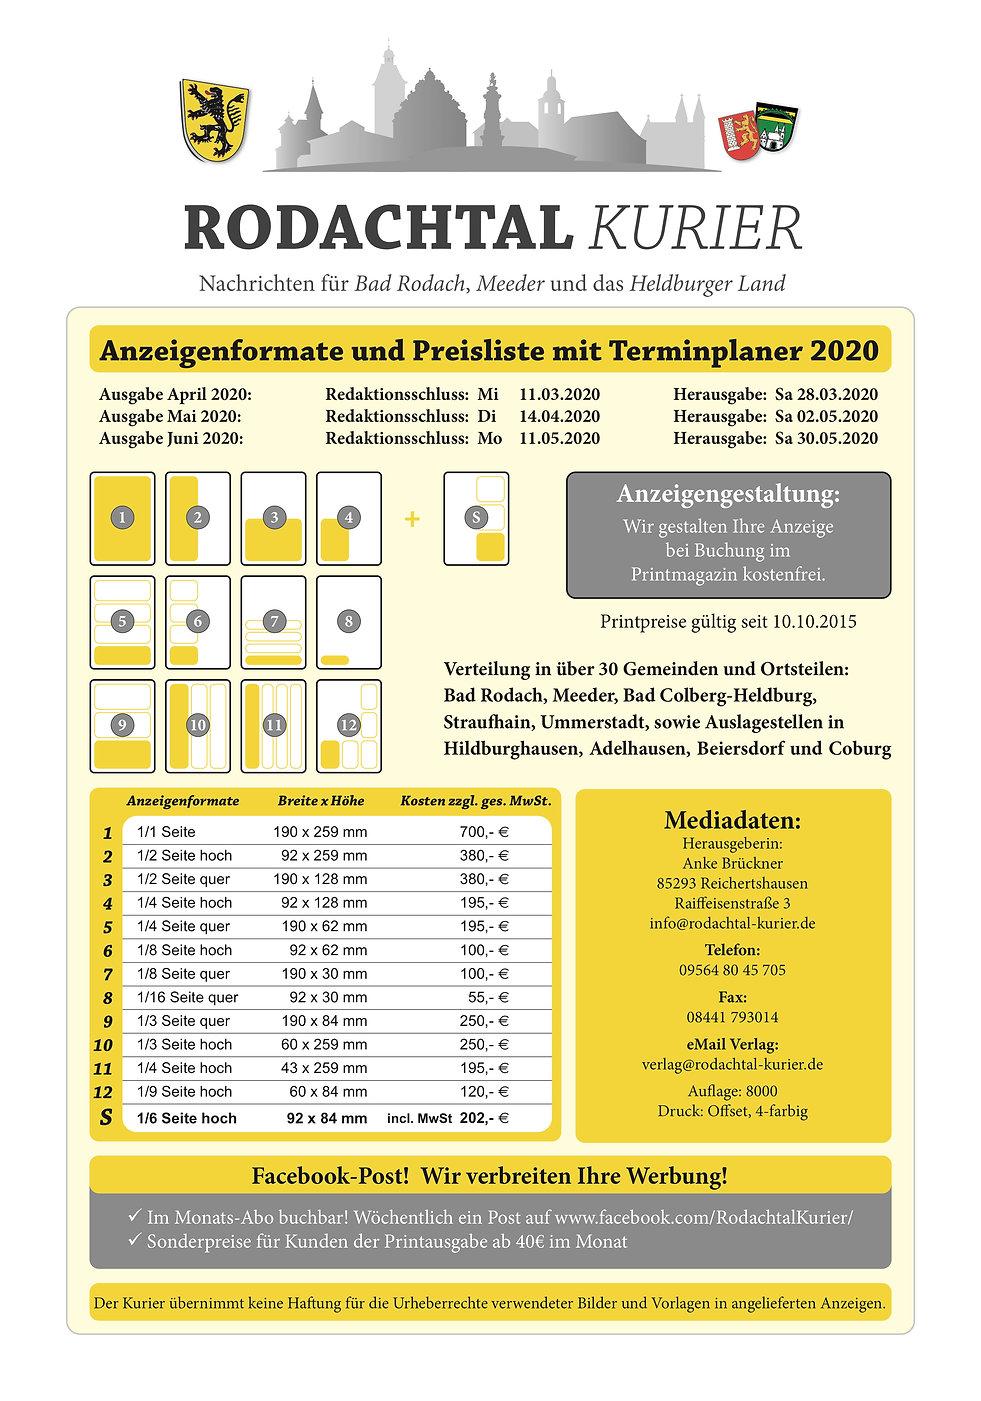 Preisliste_RTK_Anzeigenformate_03.20.jpg